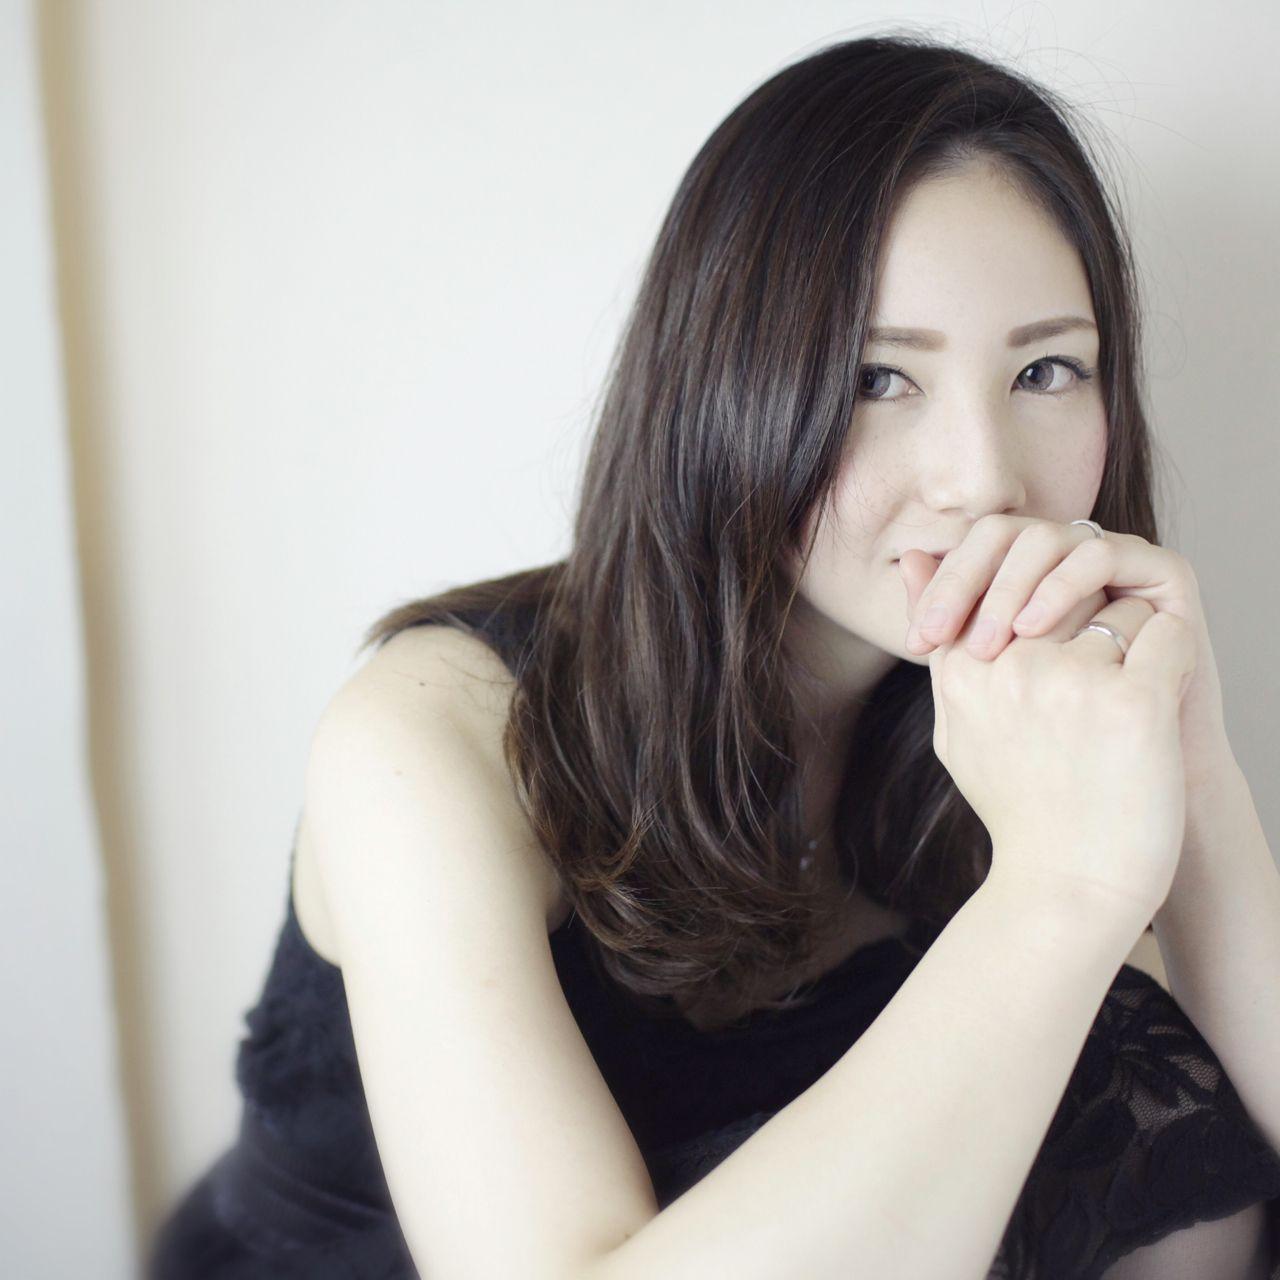 黒髪でも重く見えないミディアムスタイル7選 鬼塚 ひかり//FORTE by afloat